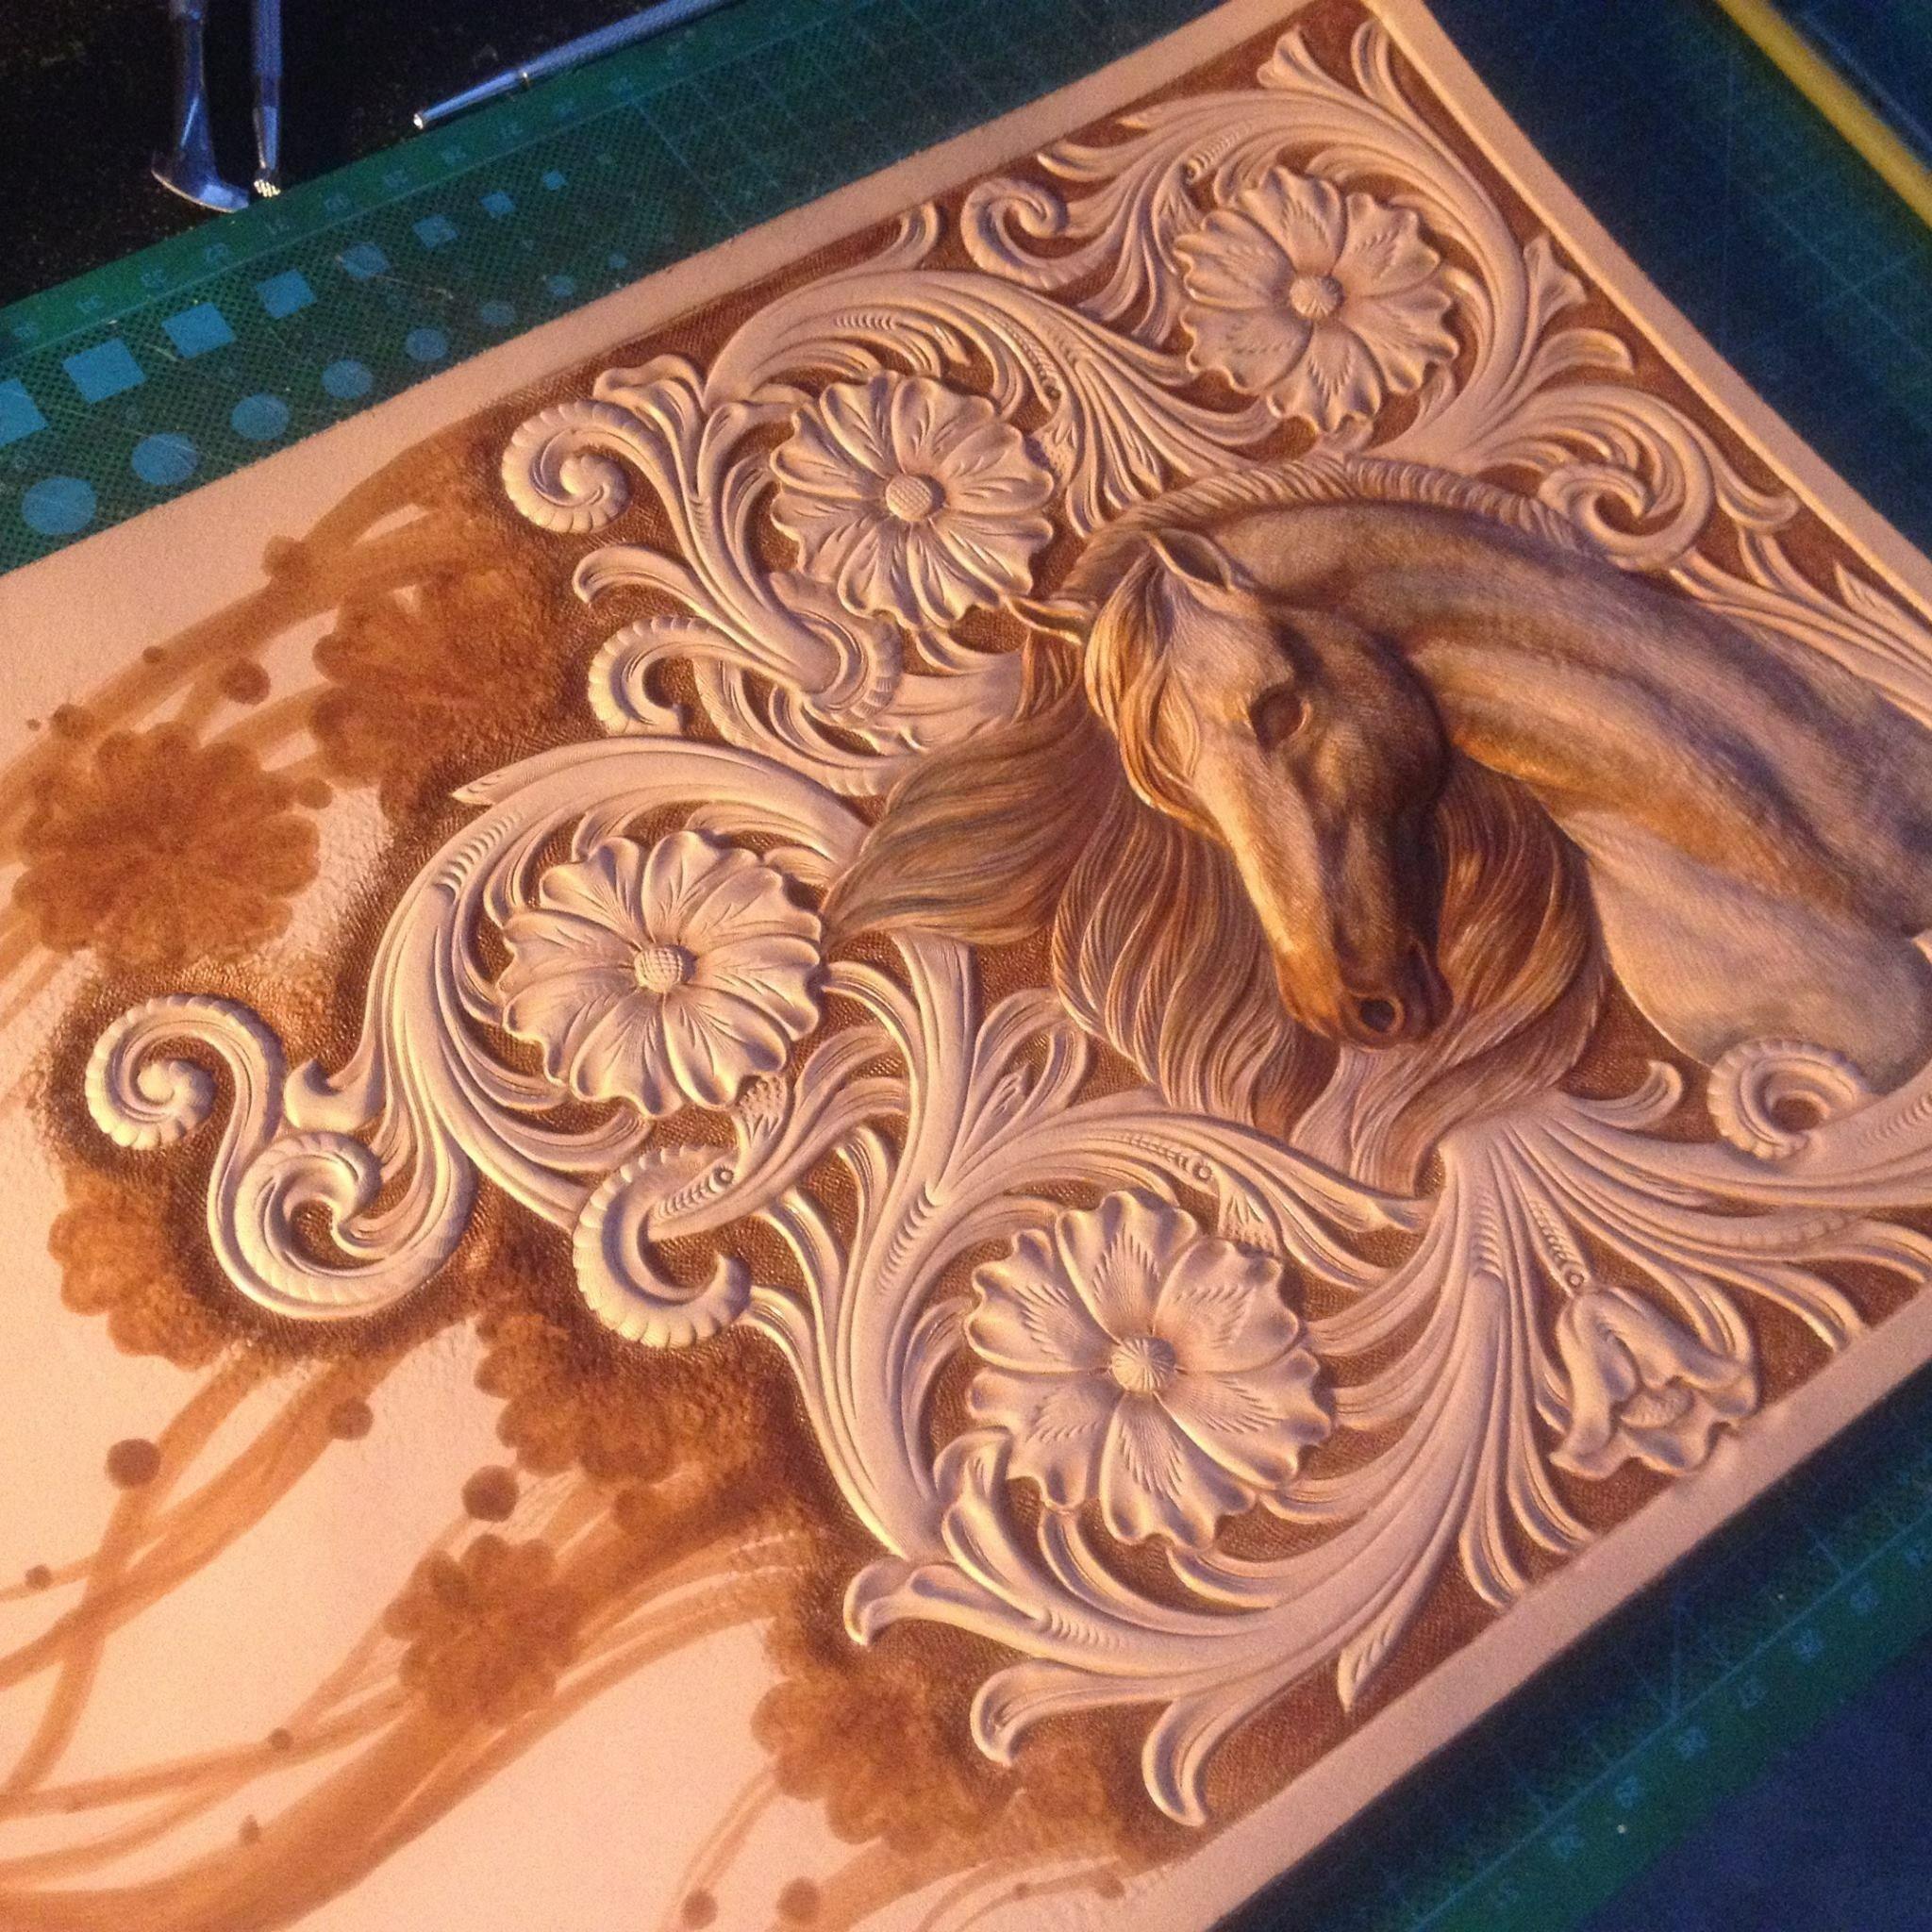 Картинки для резьбы по дереву с волками катя, гореть